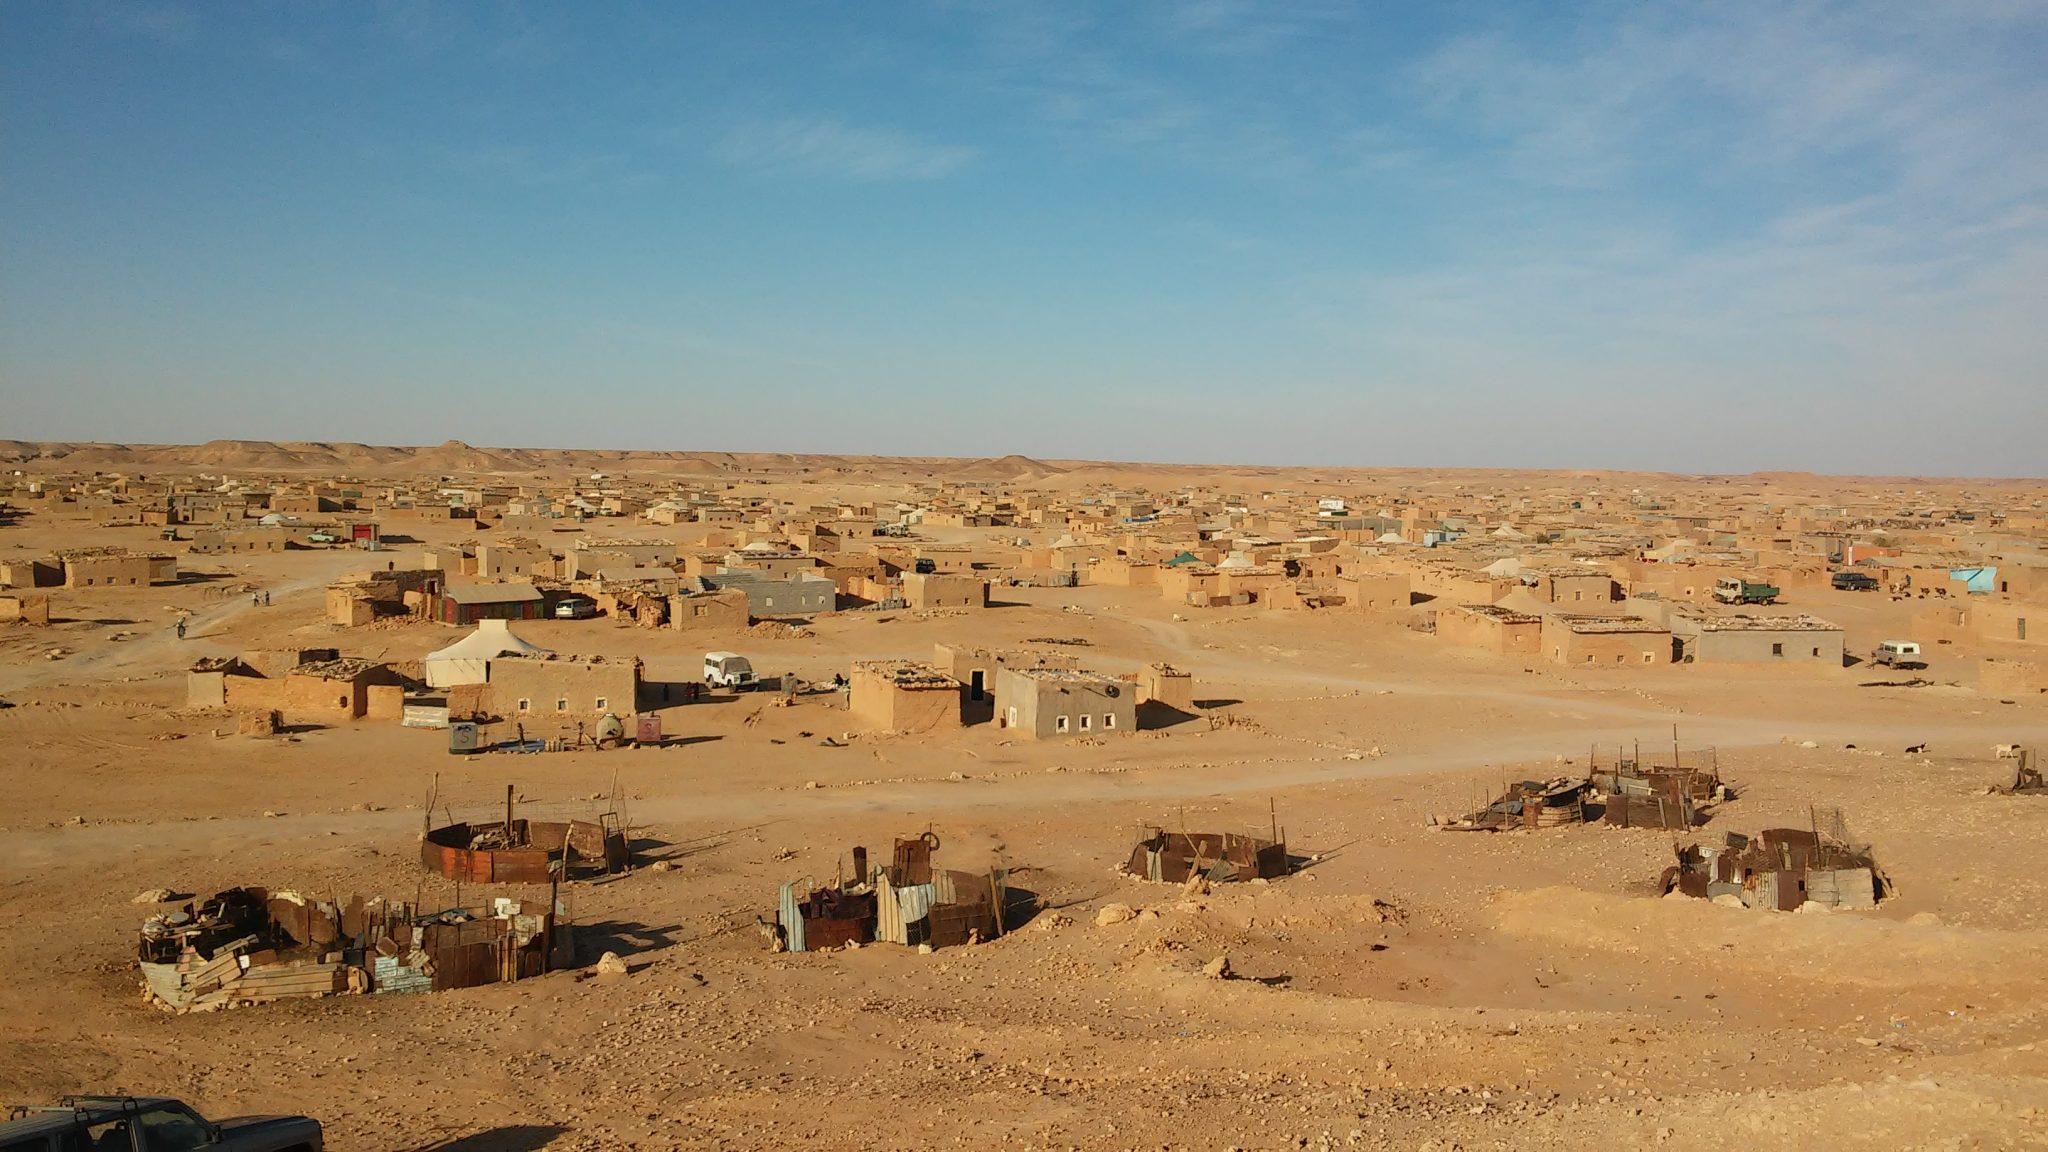 Vista de los campamentos